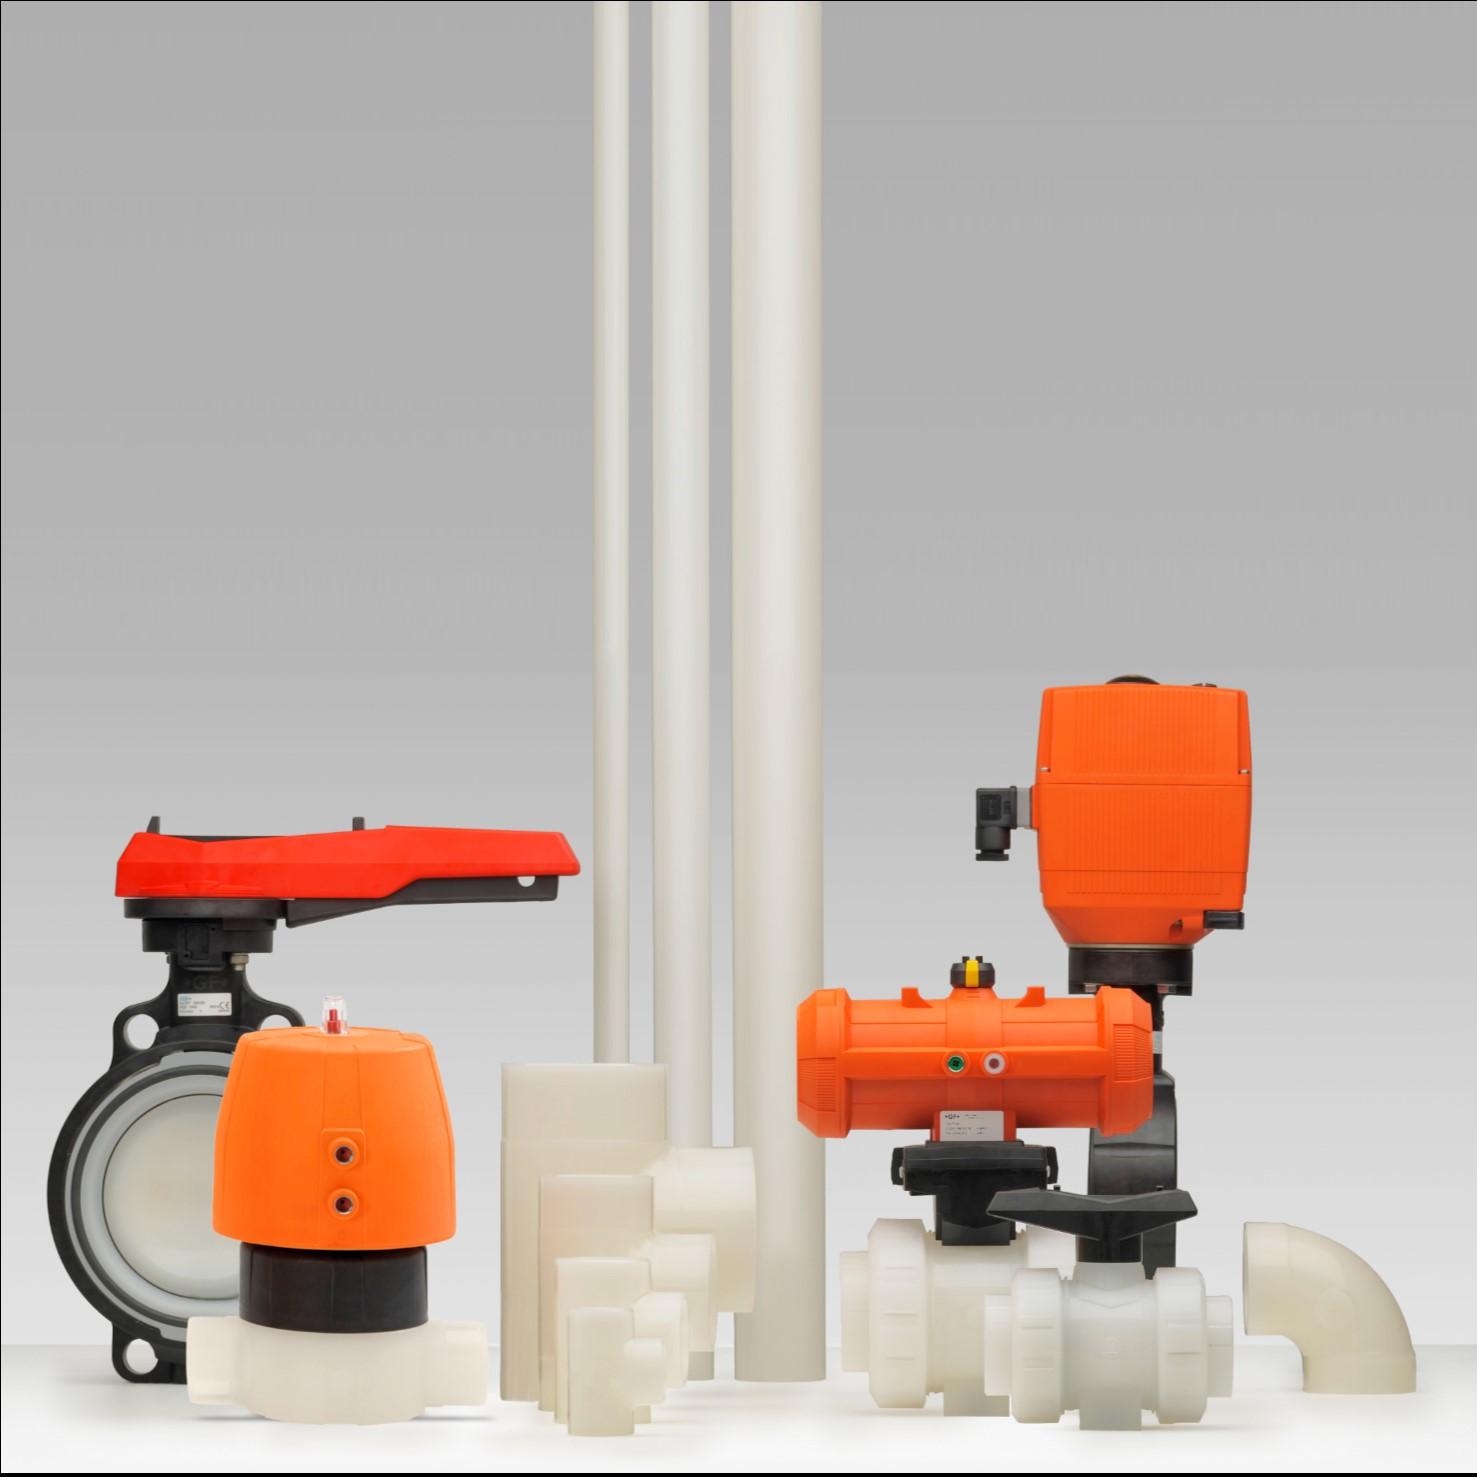 PVDF industriële kunststof leidingsystemen